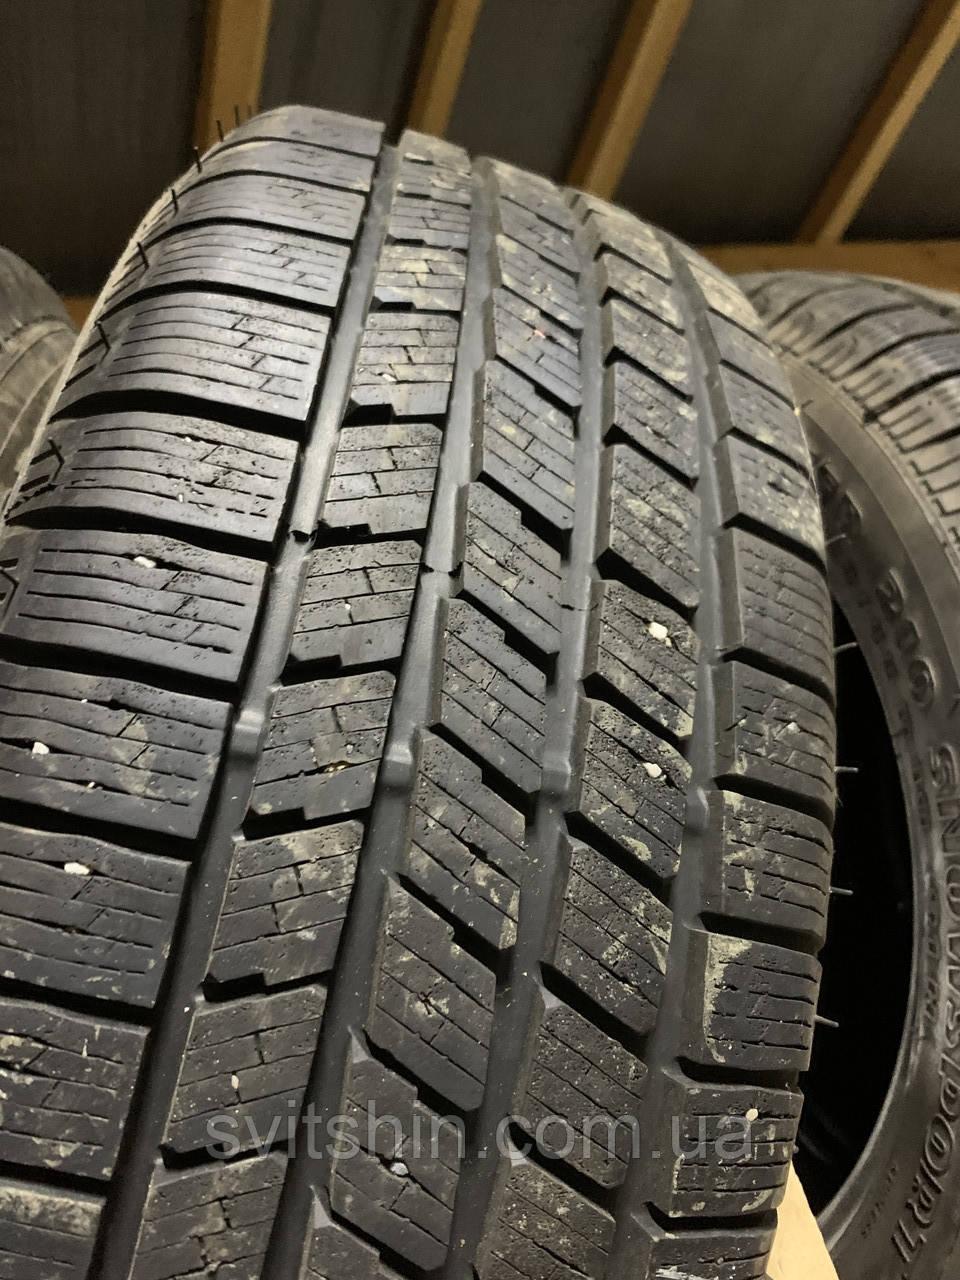 БУ зима 205/55R16 Pirelli Winter 210 Snowsport (6-7мм) ціна за 1шт